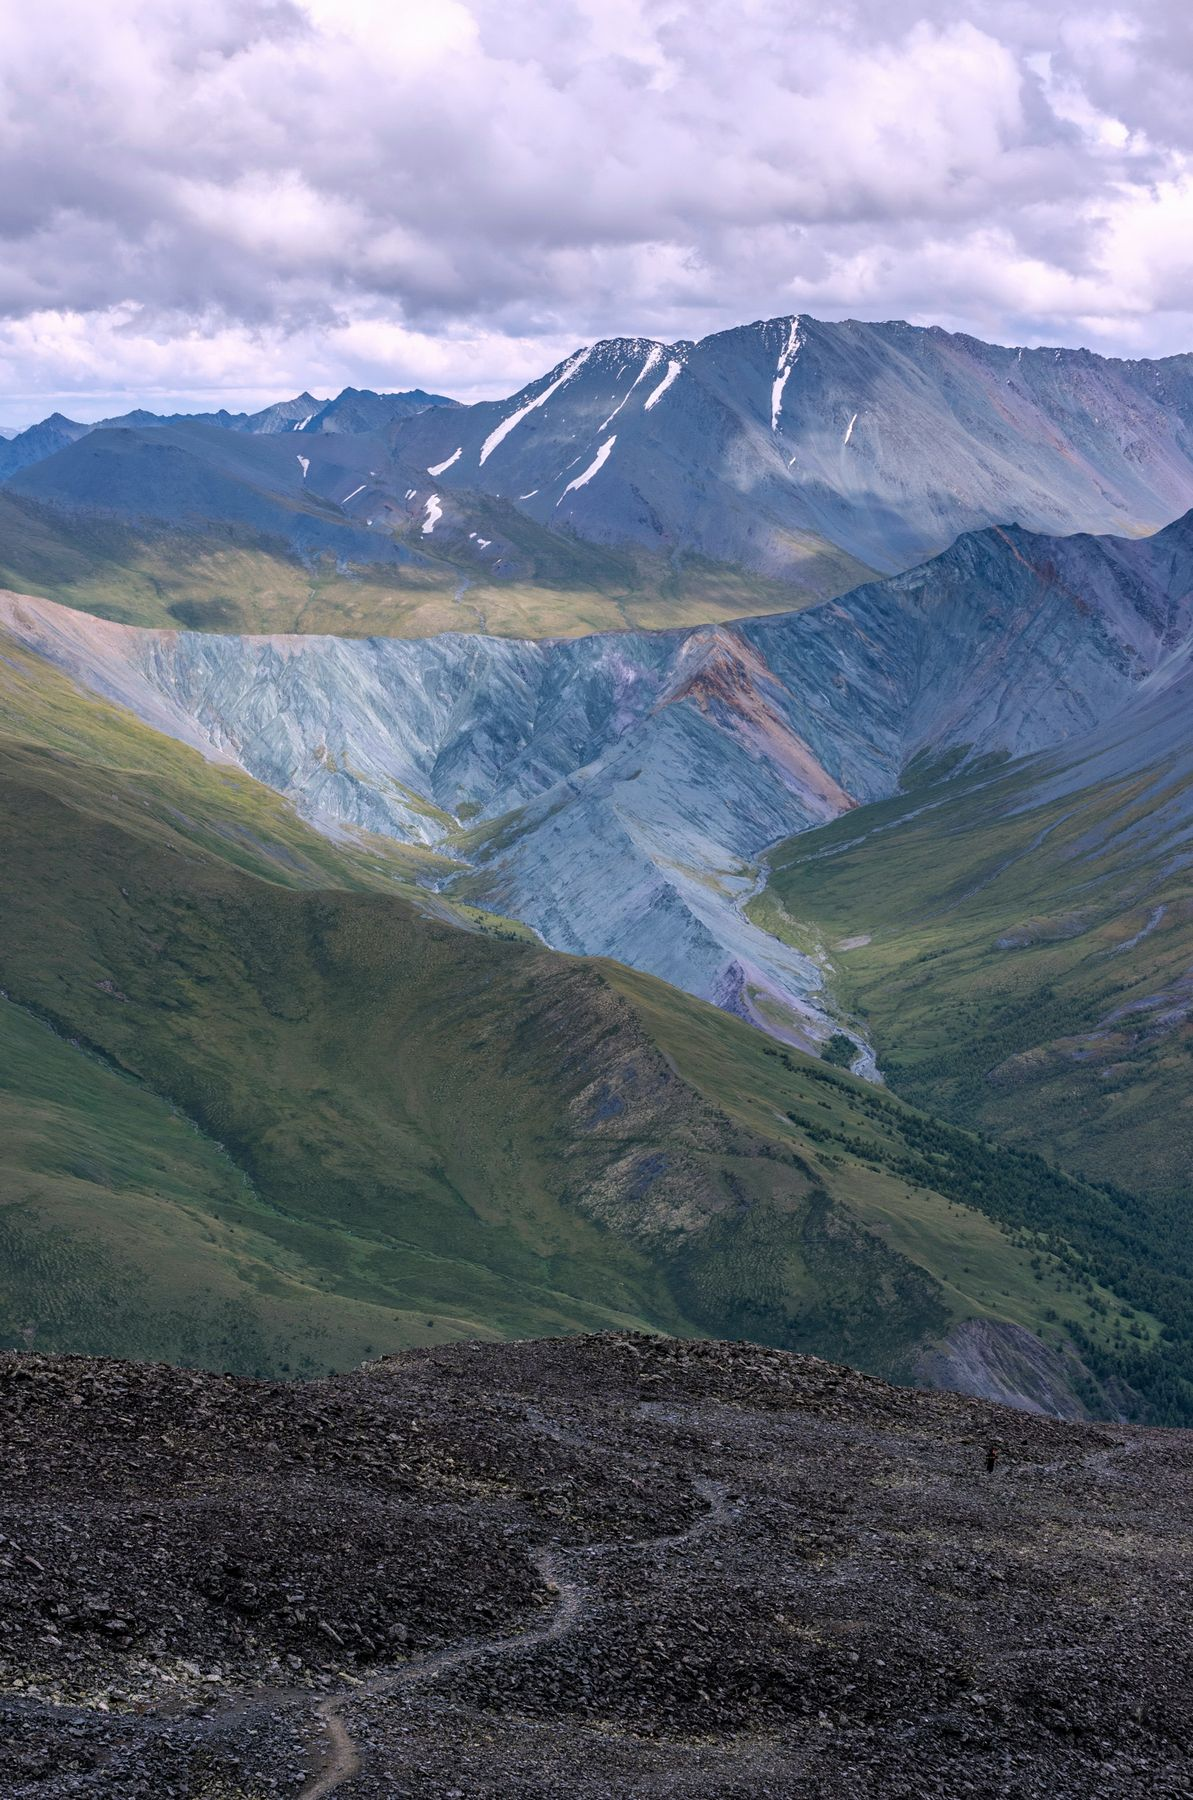 Над долиной Ярлу. горы алтай горный пейзаж природа россия ник васильев красота перевал кара-тюрек долина ярлу эдельвейс рерих облака